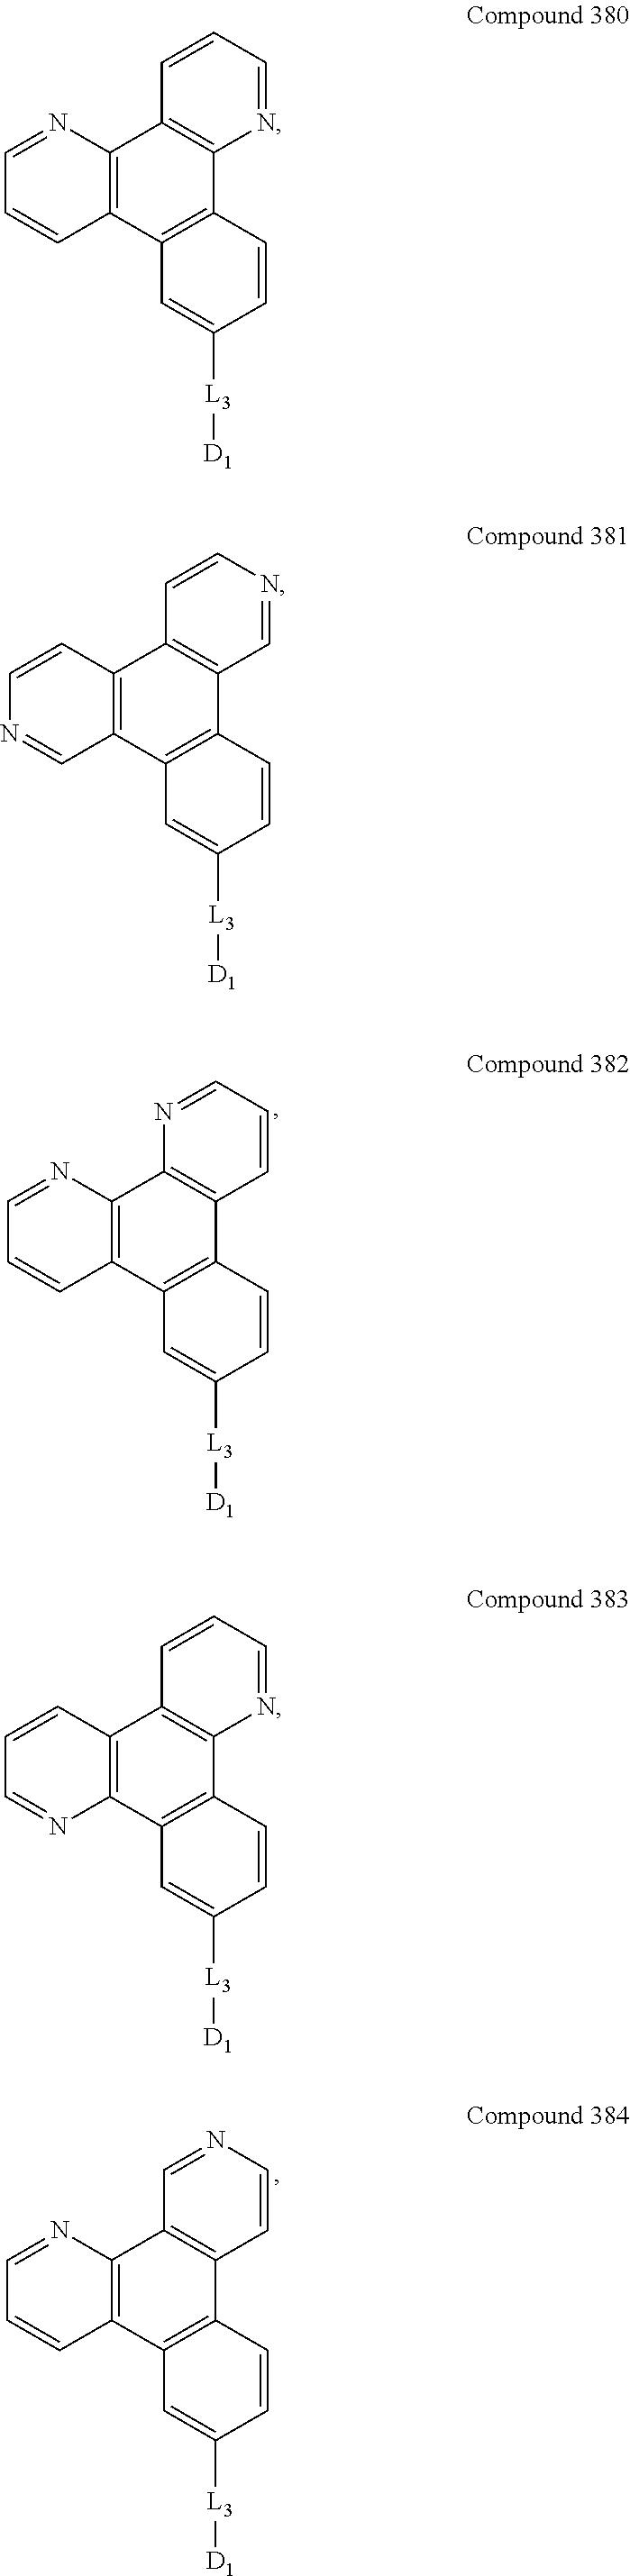 Figure US09537106-20170103-C00550